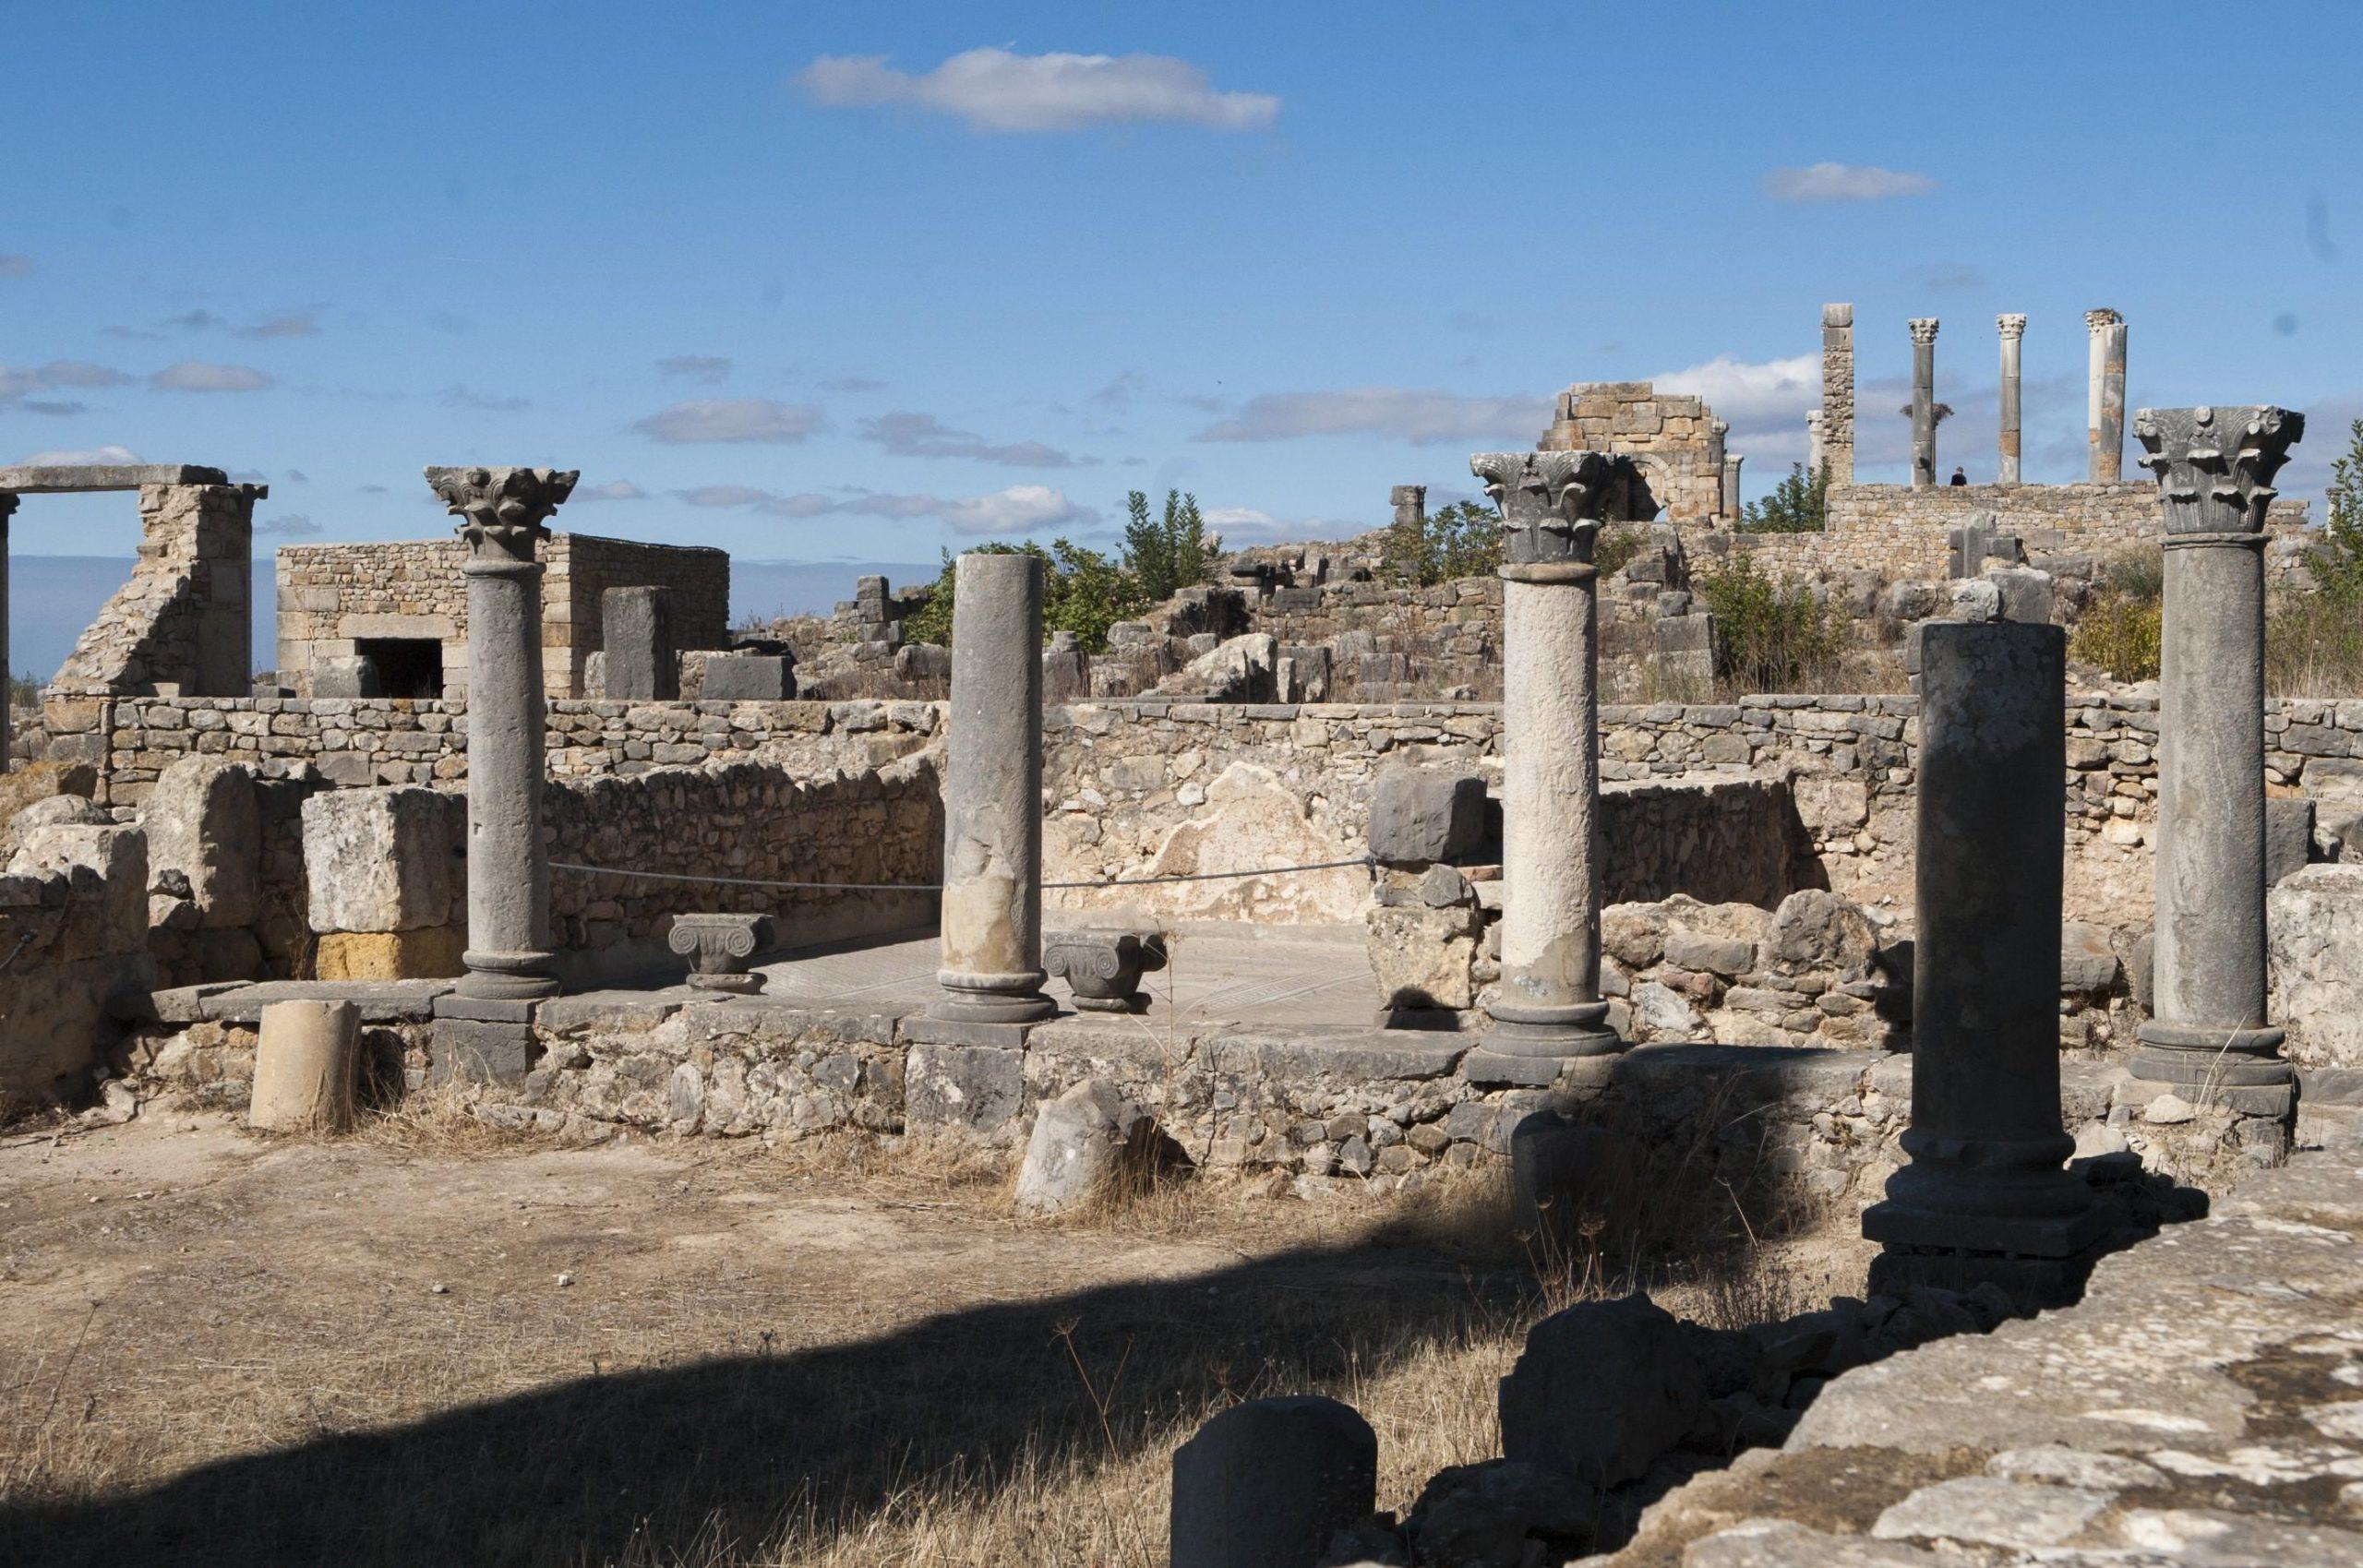 تاريخ المغرب القديم (1): أصول أسماء بعض الأماكن والمدن الساحلية